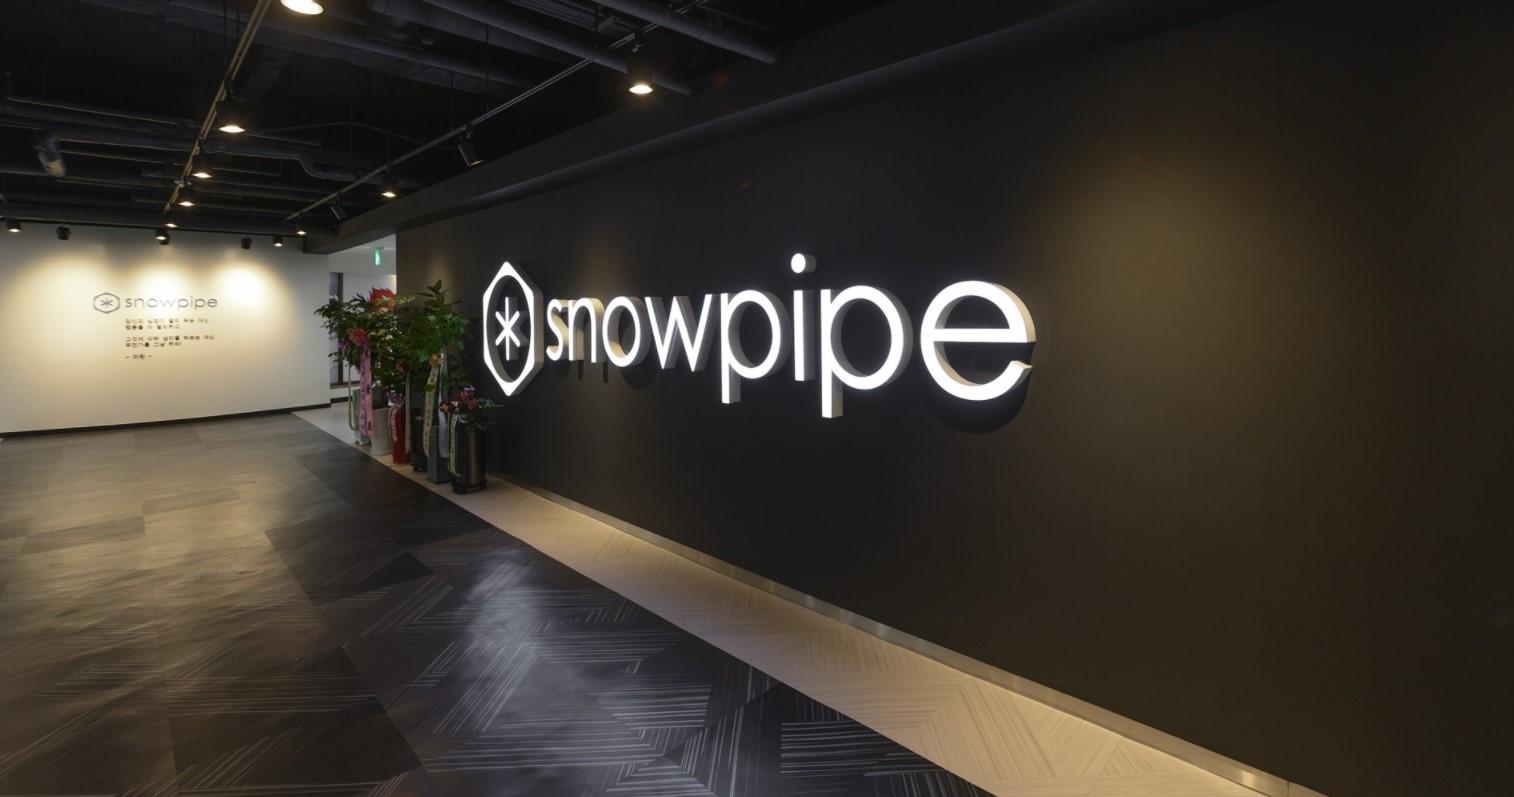 A동 snowpipe